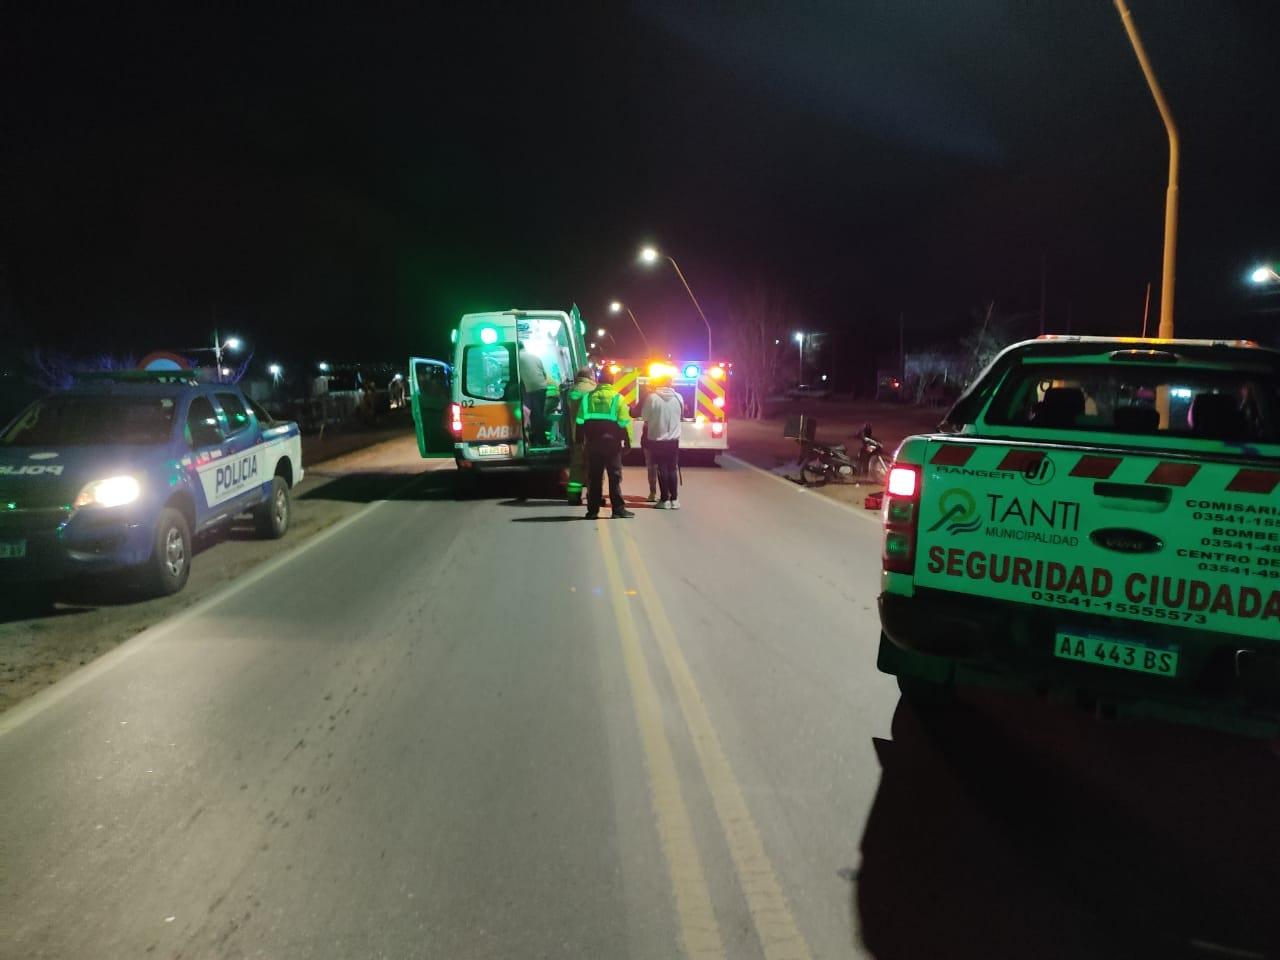 Tanti: Chocaron dos motos en la ruta 28 y 4 personas resultaron heridas